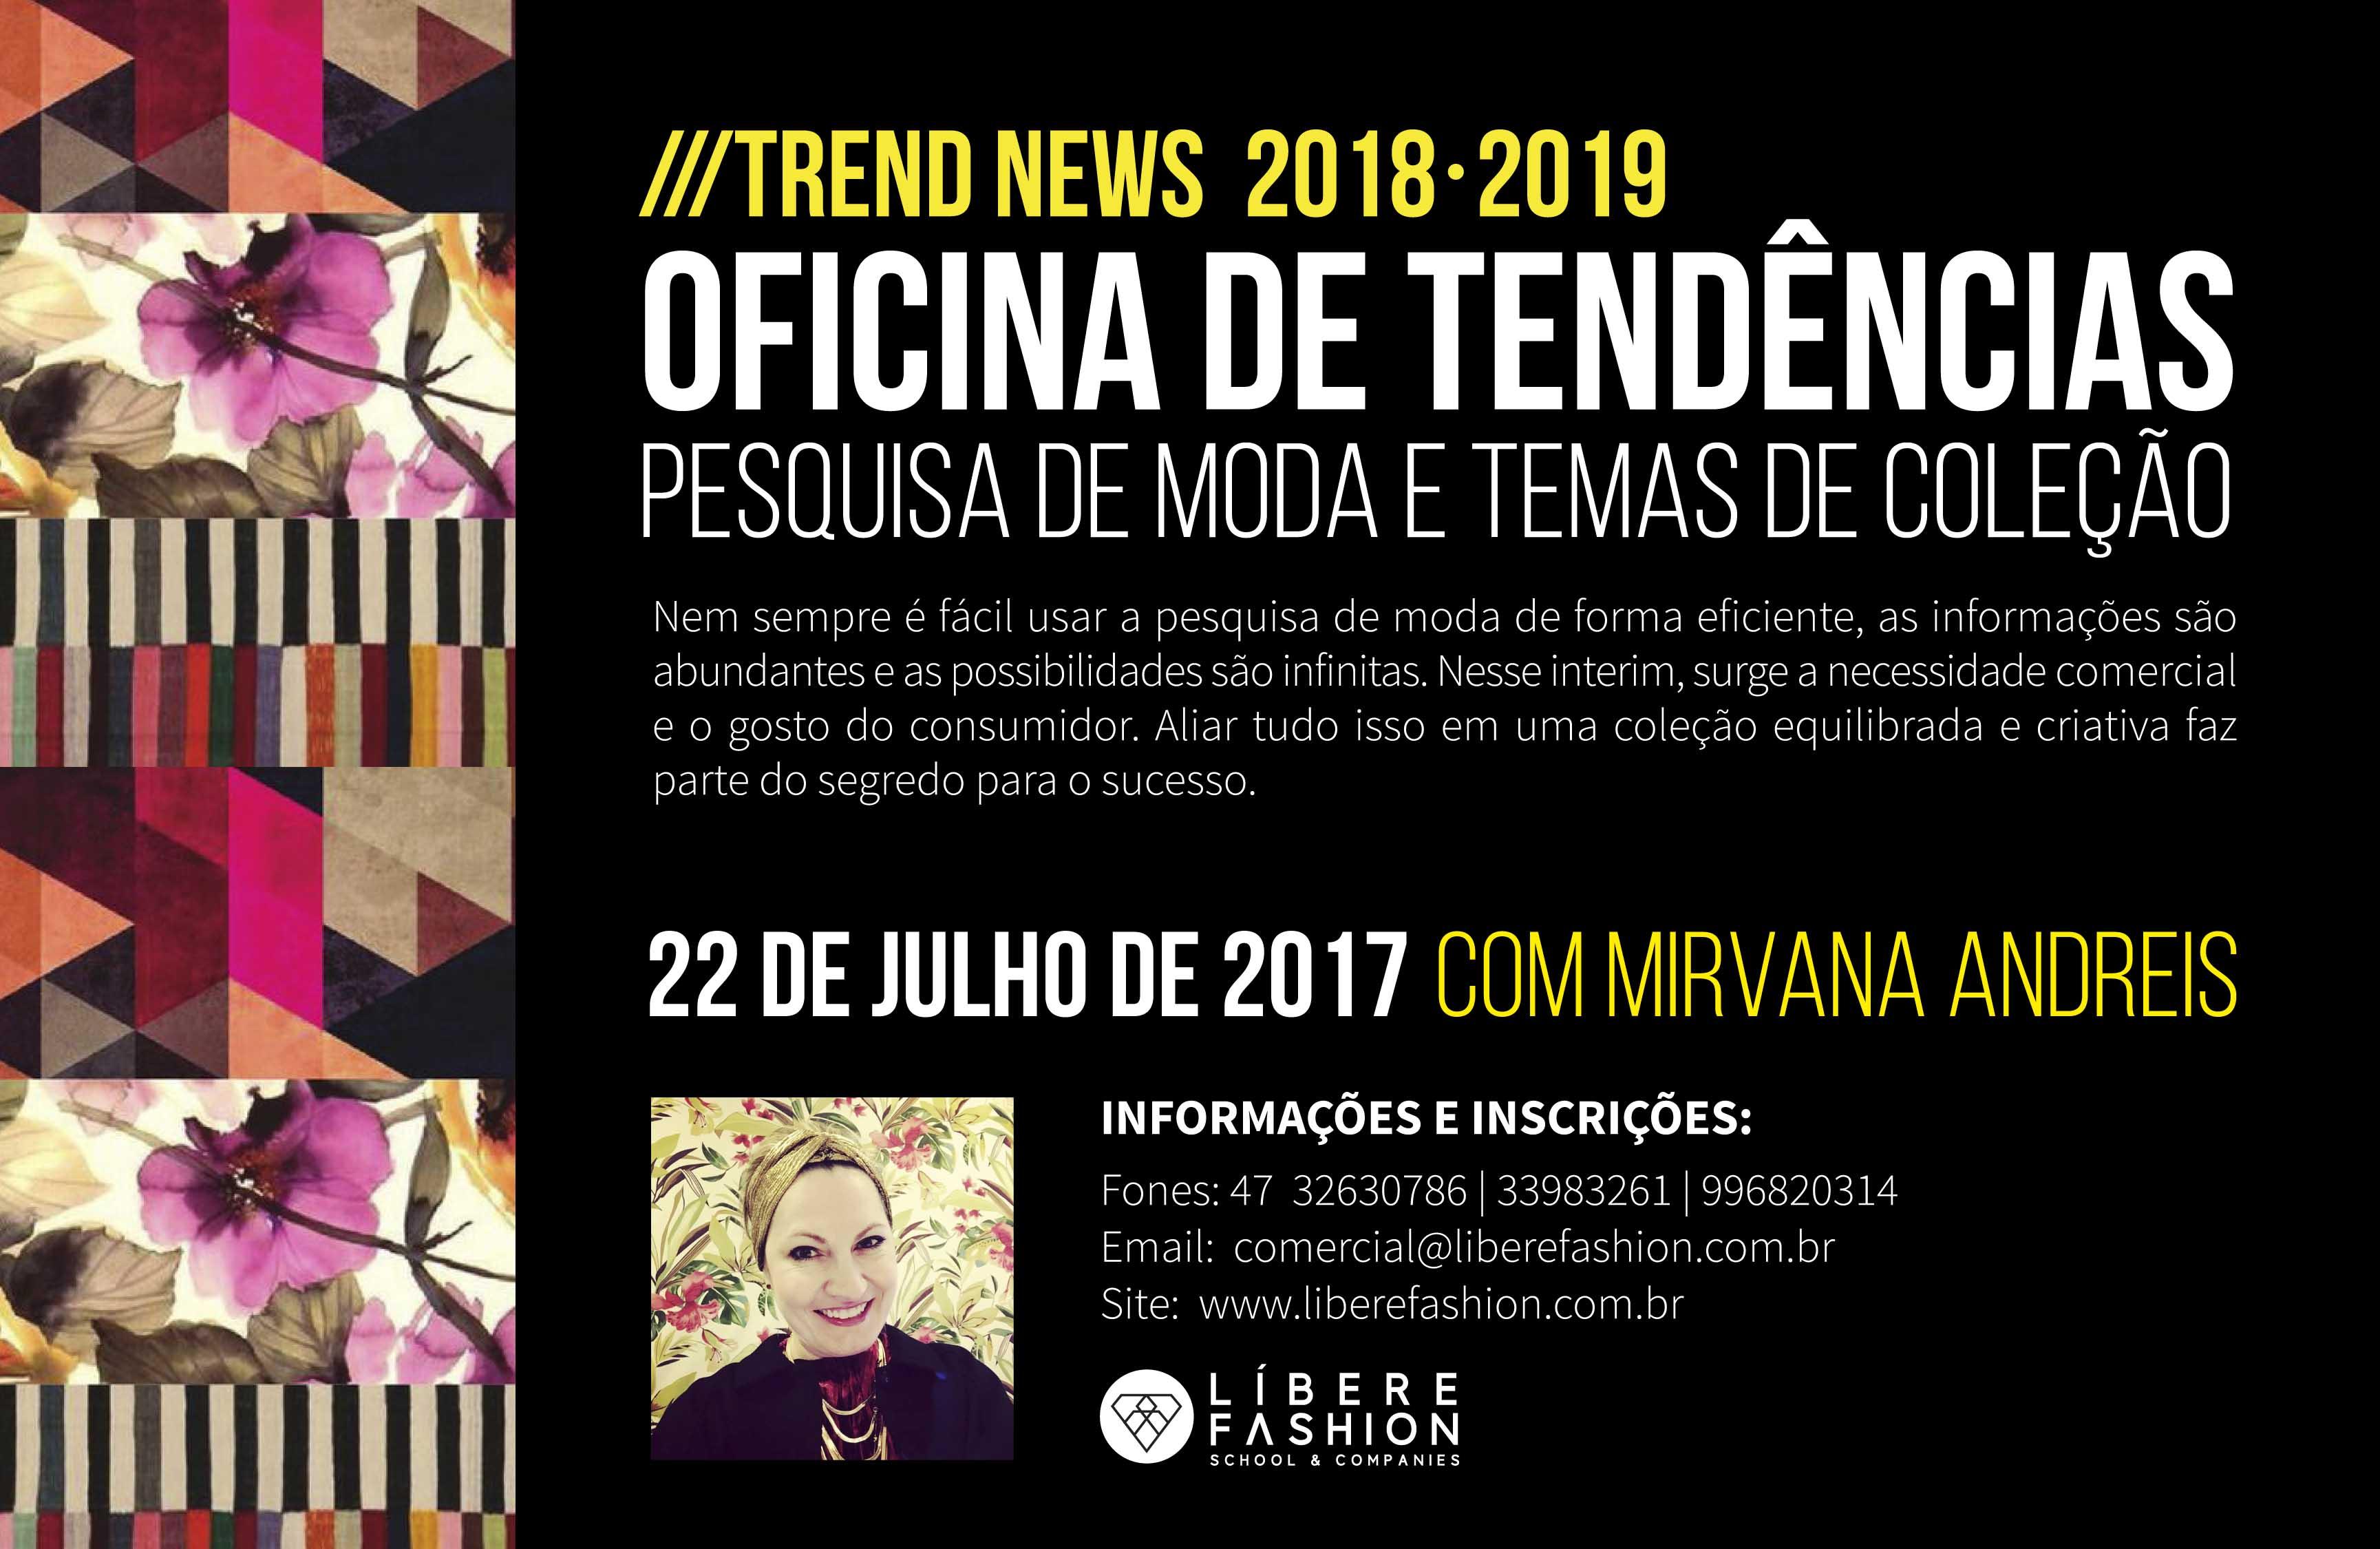 Trend News 2018-2019 - Oficina de tendências, temas de coleção e briefing de estampas